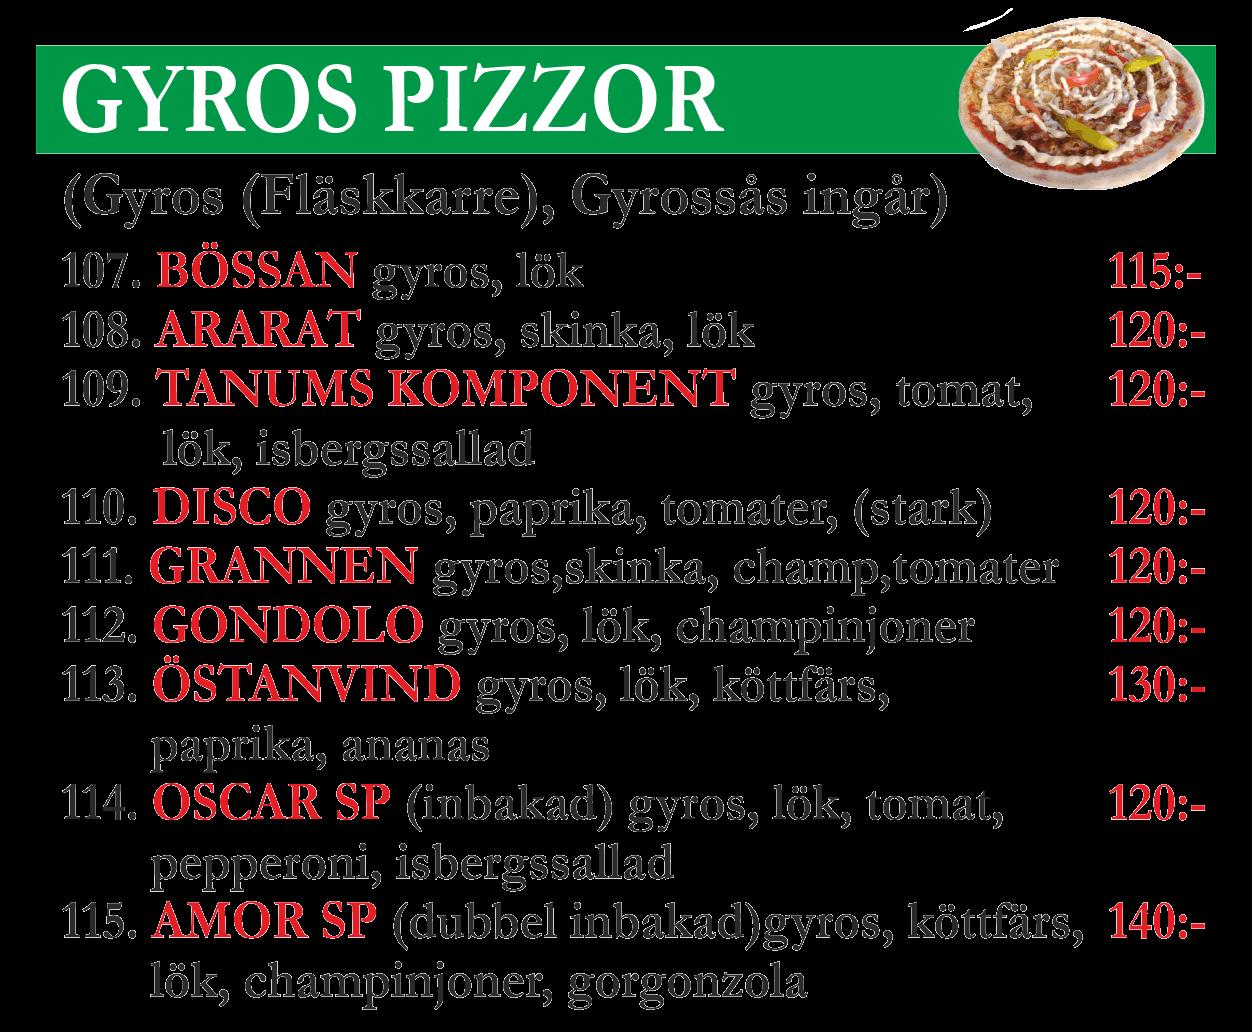 gyros-pizzor